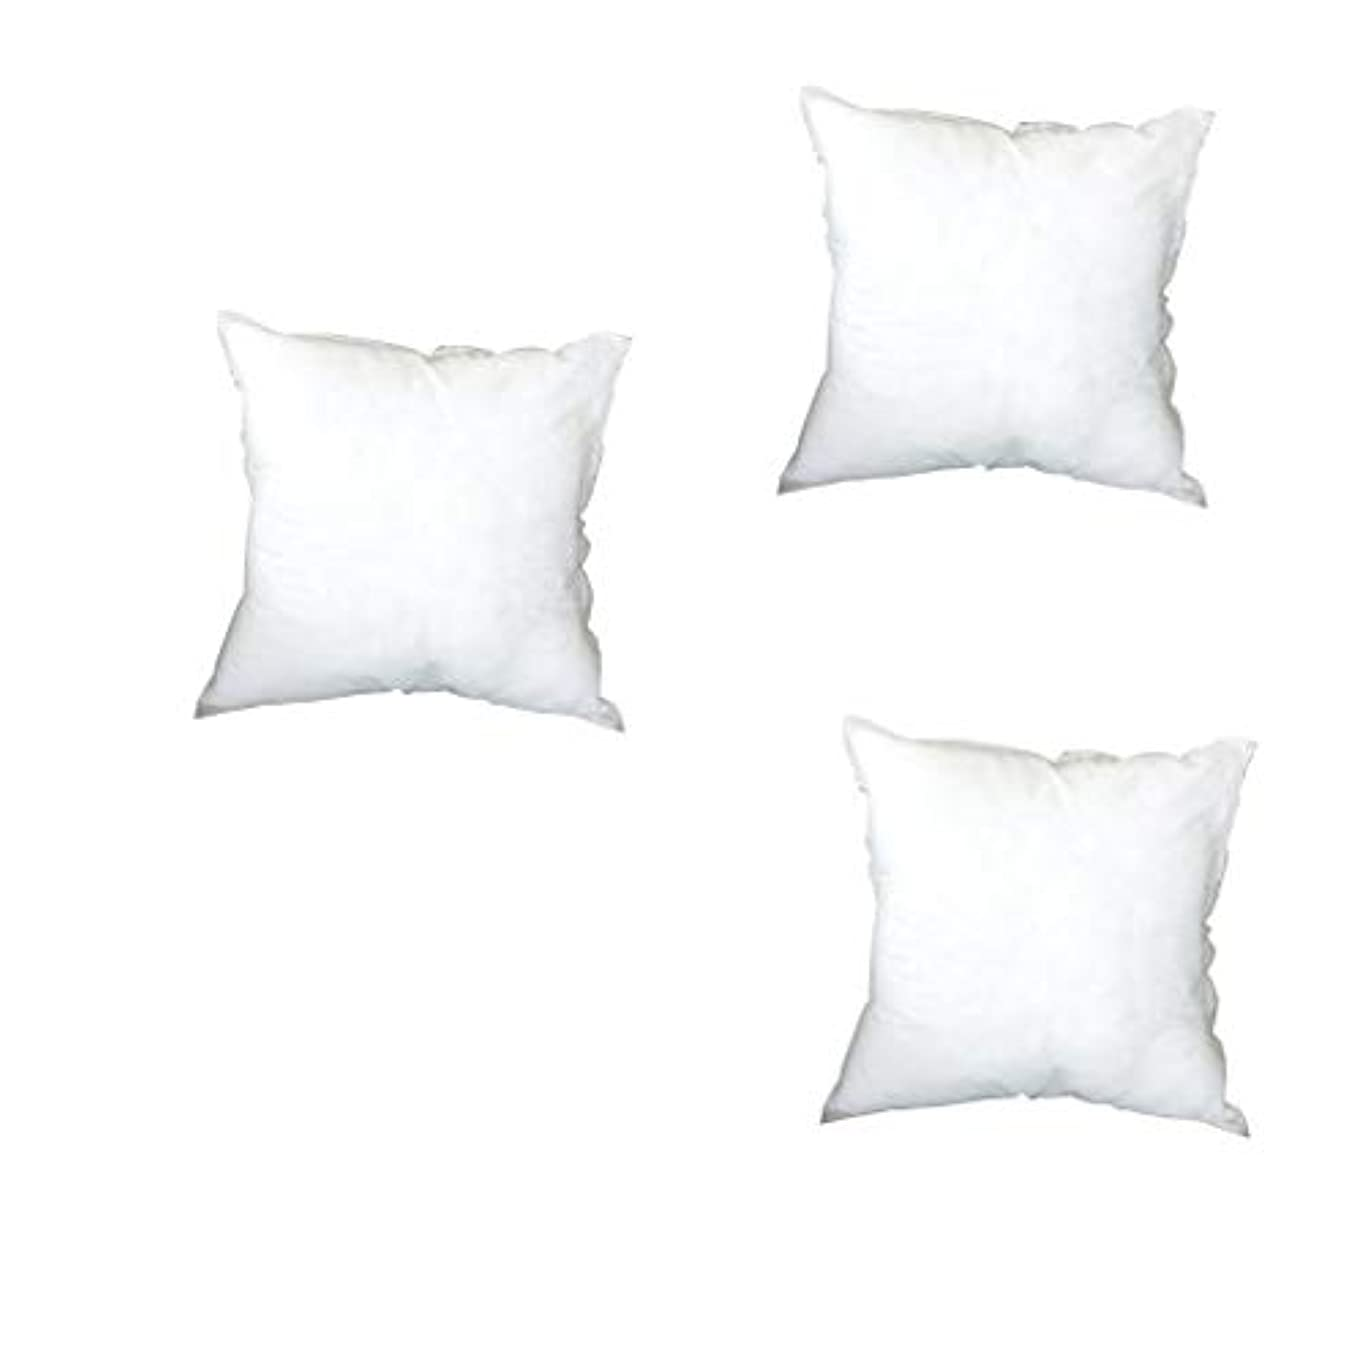 独裁買い物に行くスキャンLIFE 寝具正方形 PP 綿枕インテリア家の装飾白 45 × 45 車のソファチェアクッション coussin decoratif 新 クッション 椅子